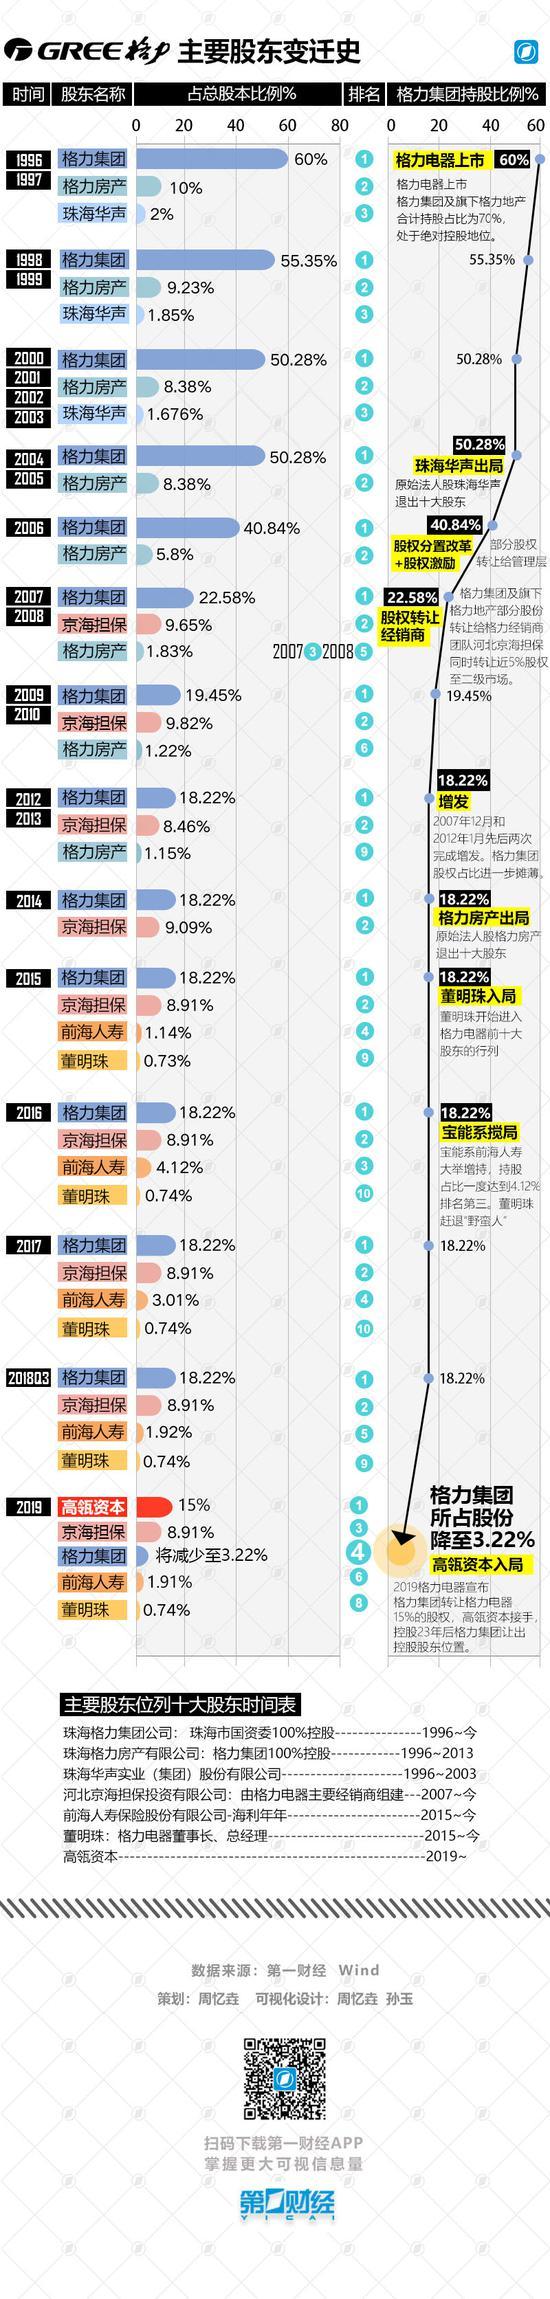 澳门永利红卡·Mysteel:11-12月份京津冀区域建筑钢材资源投放量调查